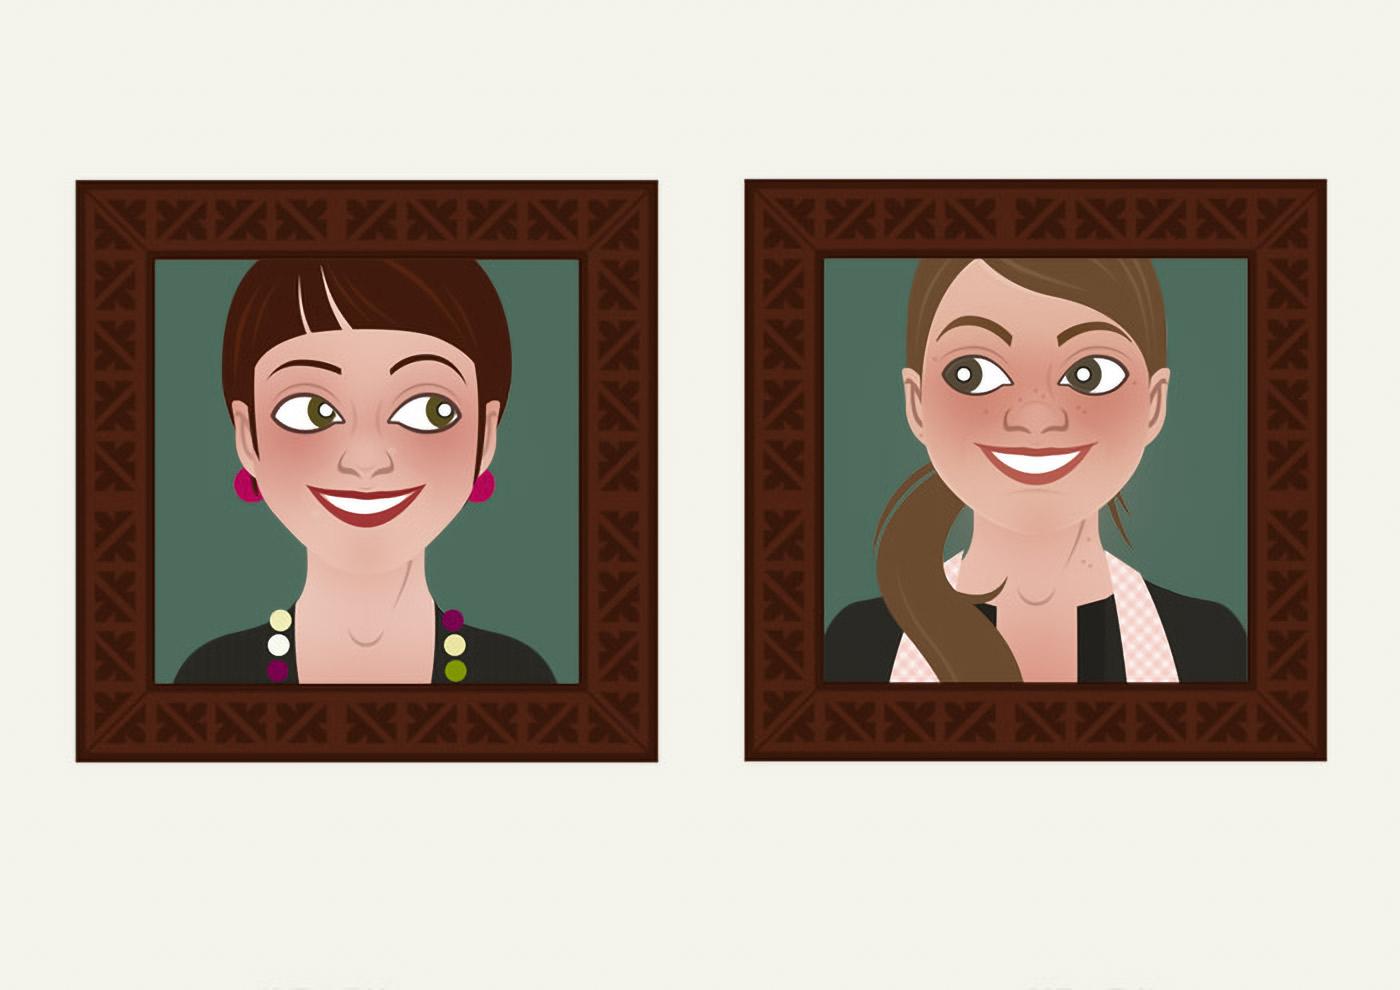 Characterdesign mit Vektorillustrationen von Gesichtern der Frauen, die als Handwerkerinnen Wohnungen renovieren und einrichten, für Homestaging